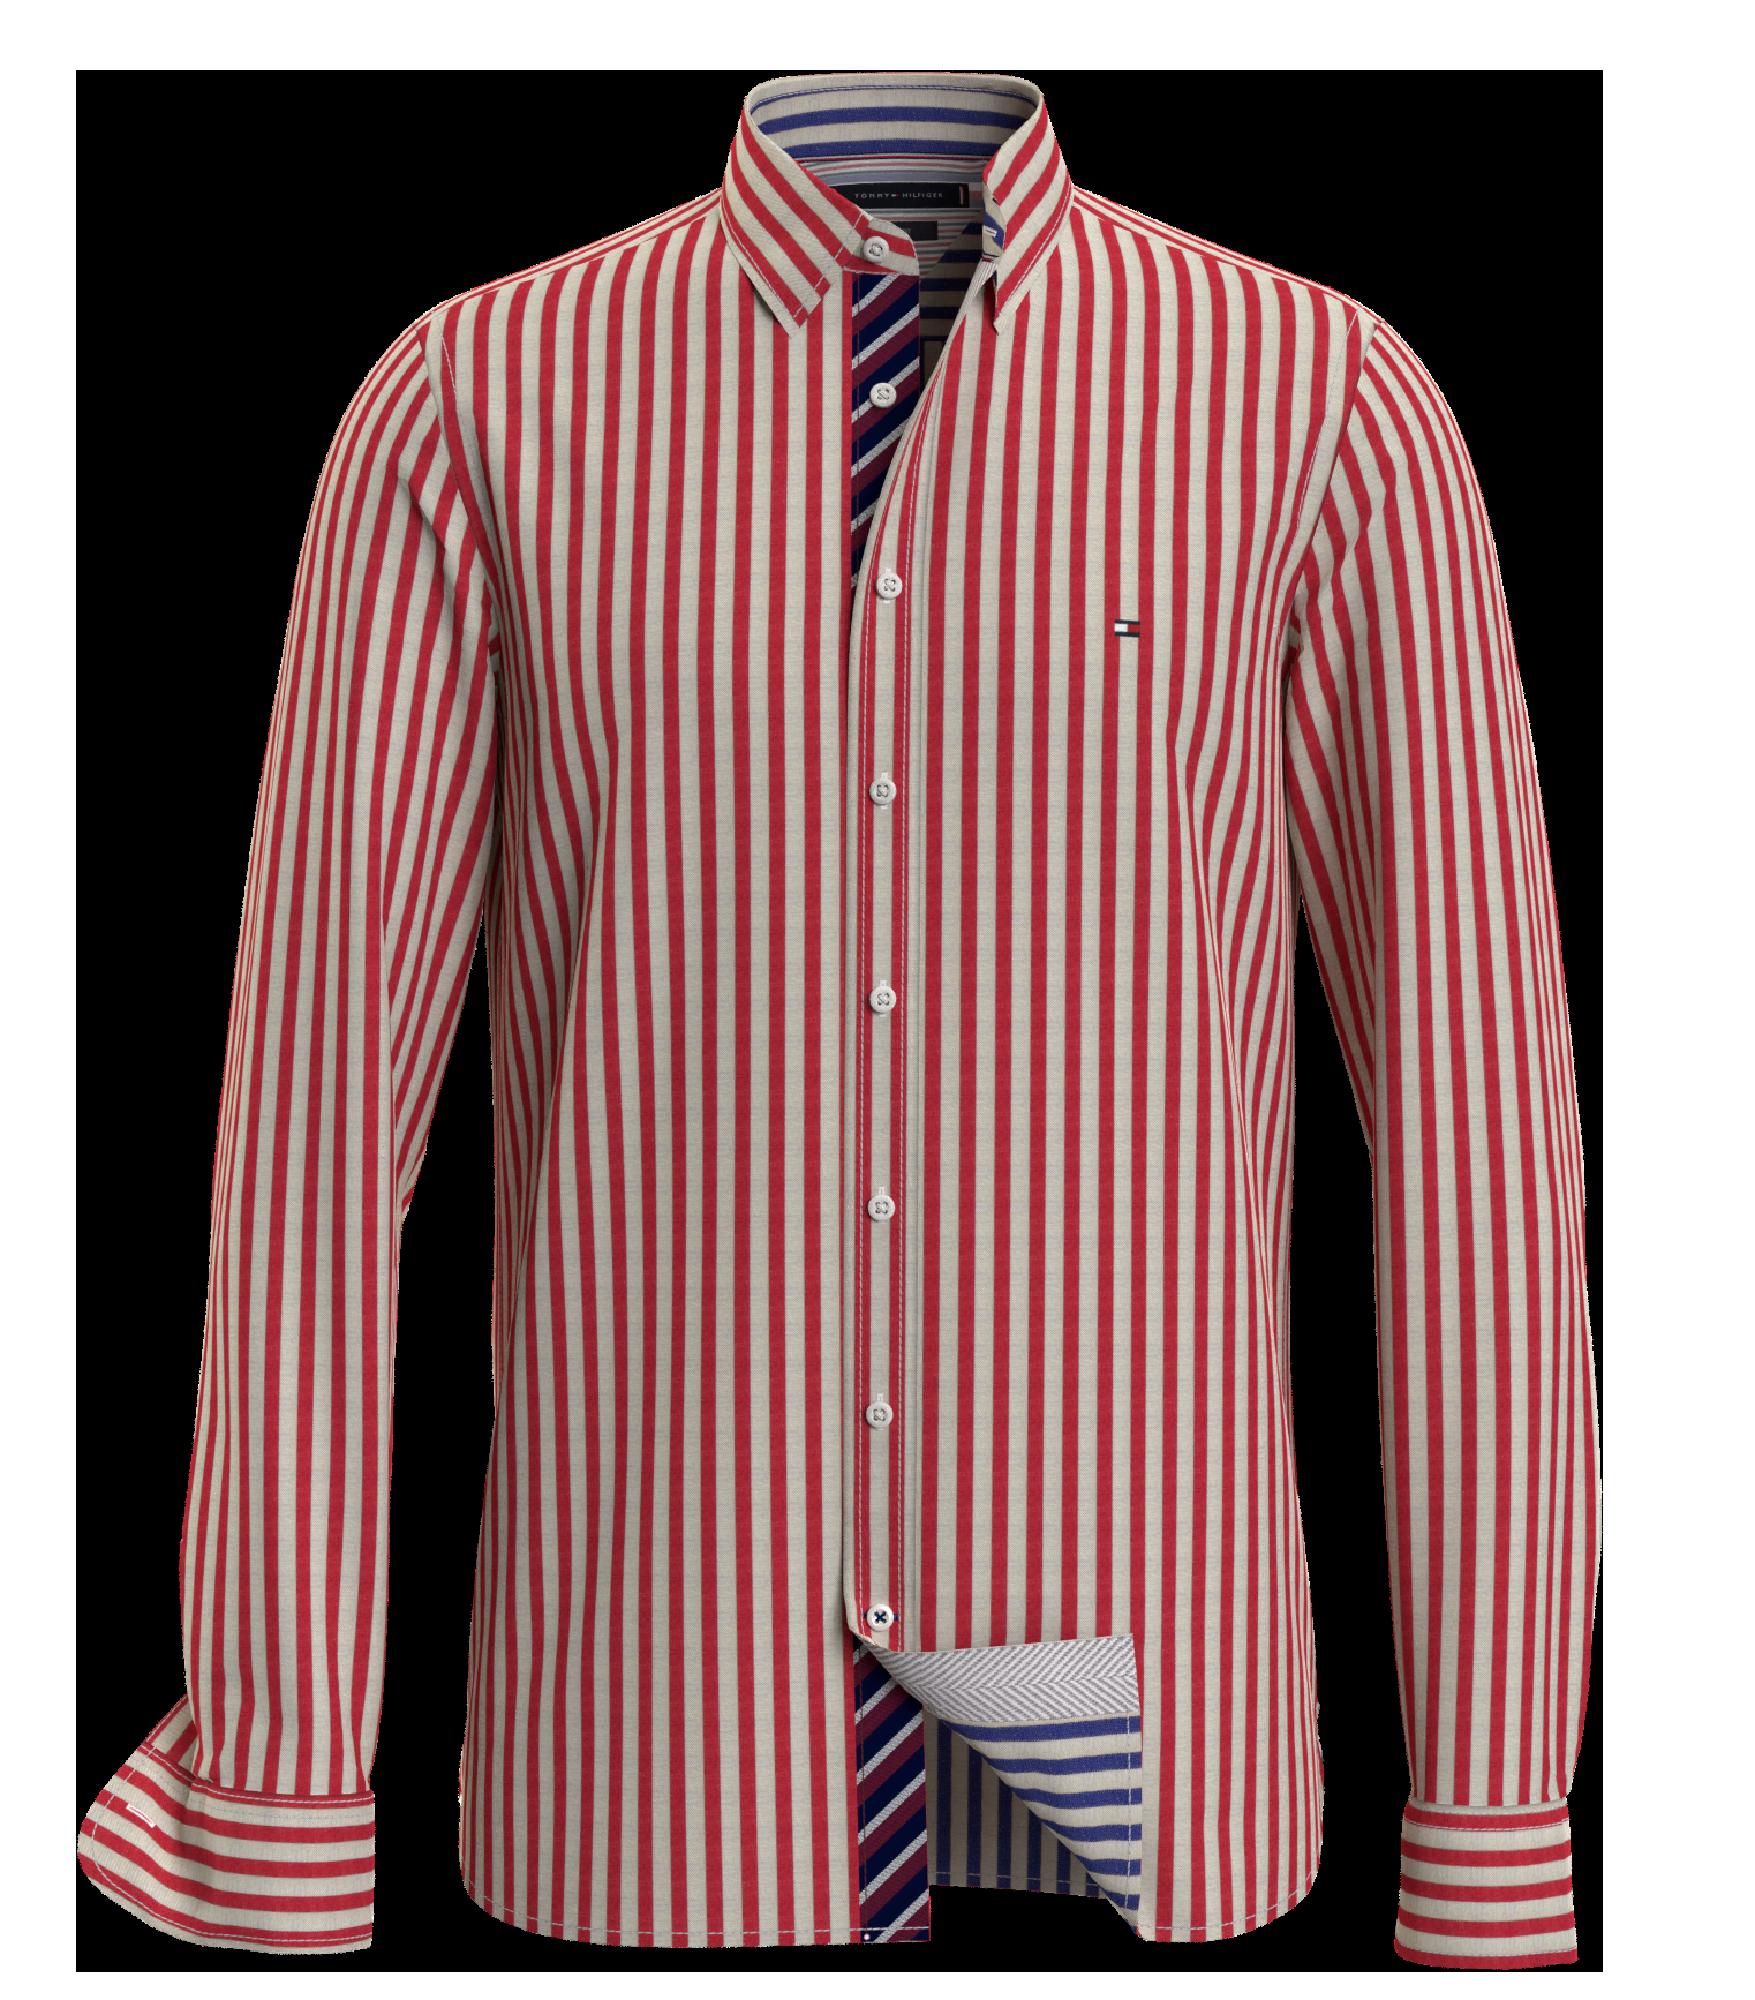 A 3D Render of a Tommy Hilfiger Fall 2020 men's shirt